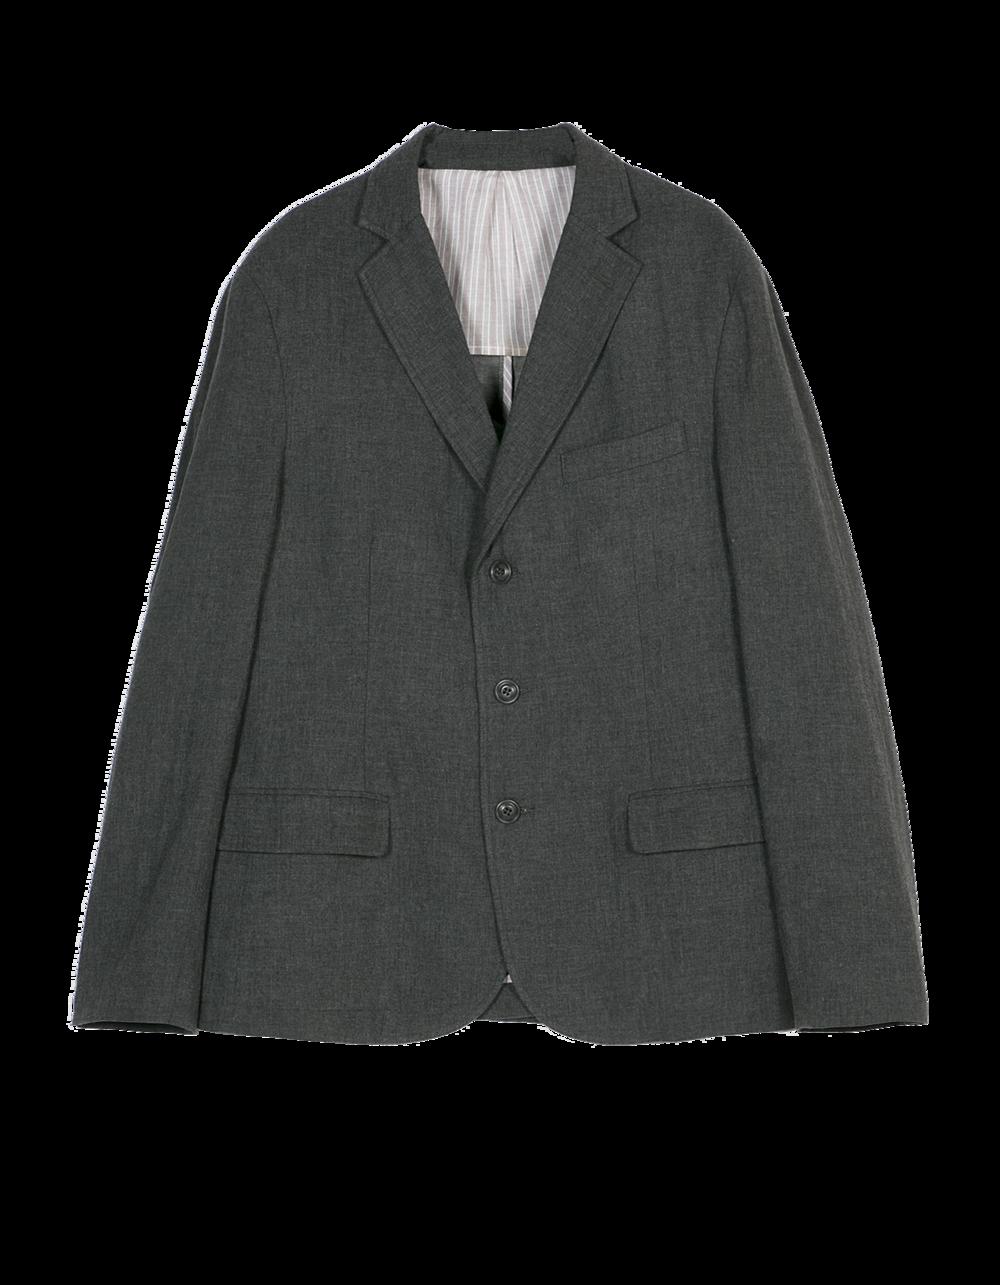 StradivariusMan_garments (6).png